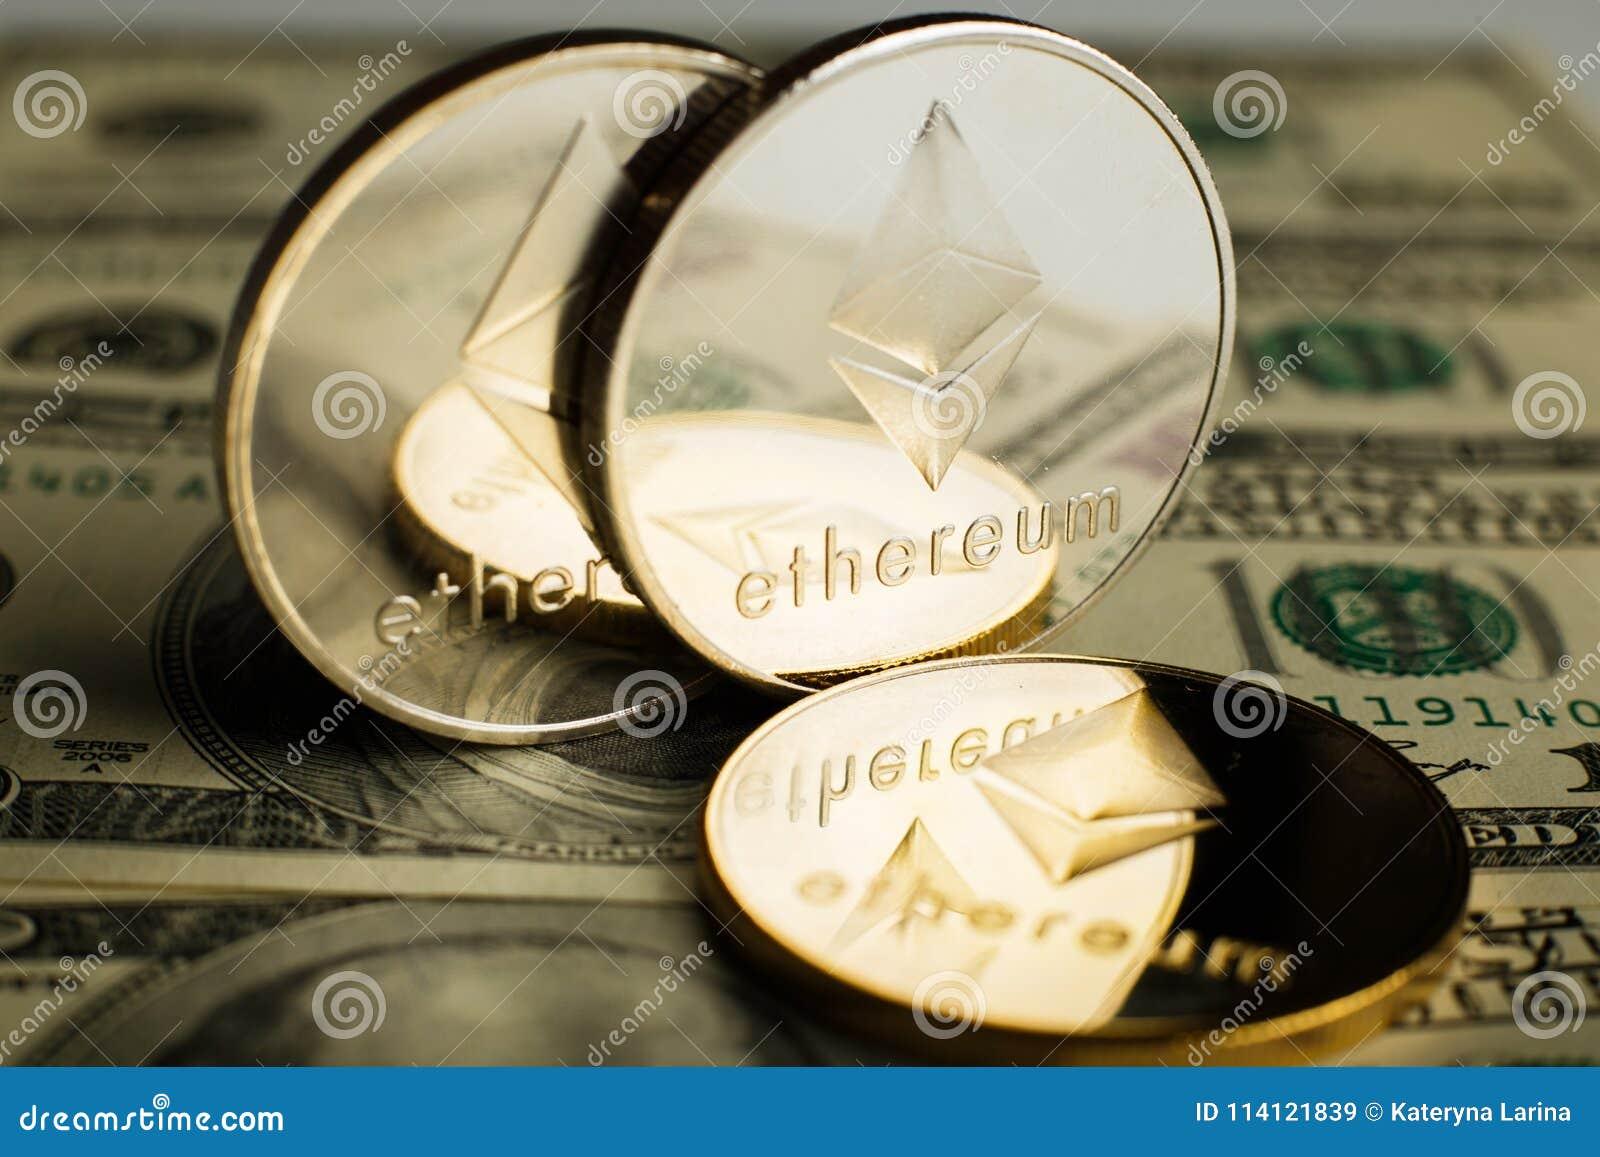 ethereum max coins